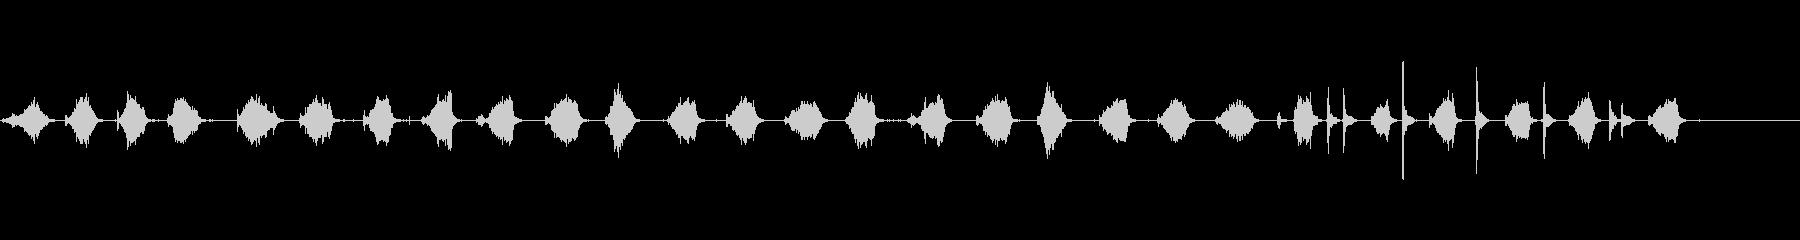 ほうき掃除0-16の未再生の波形